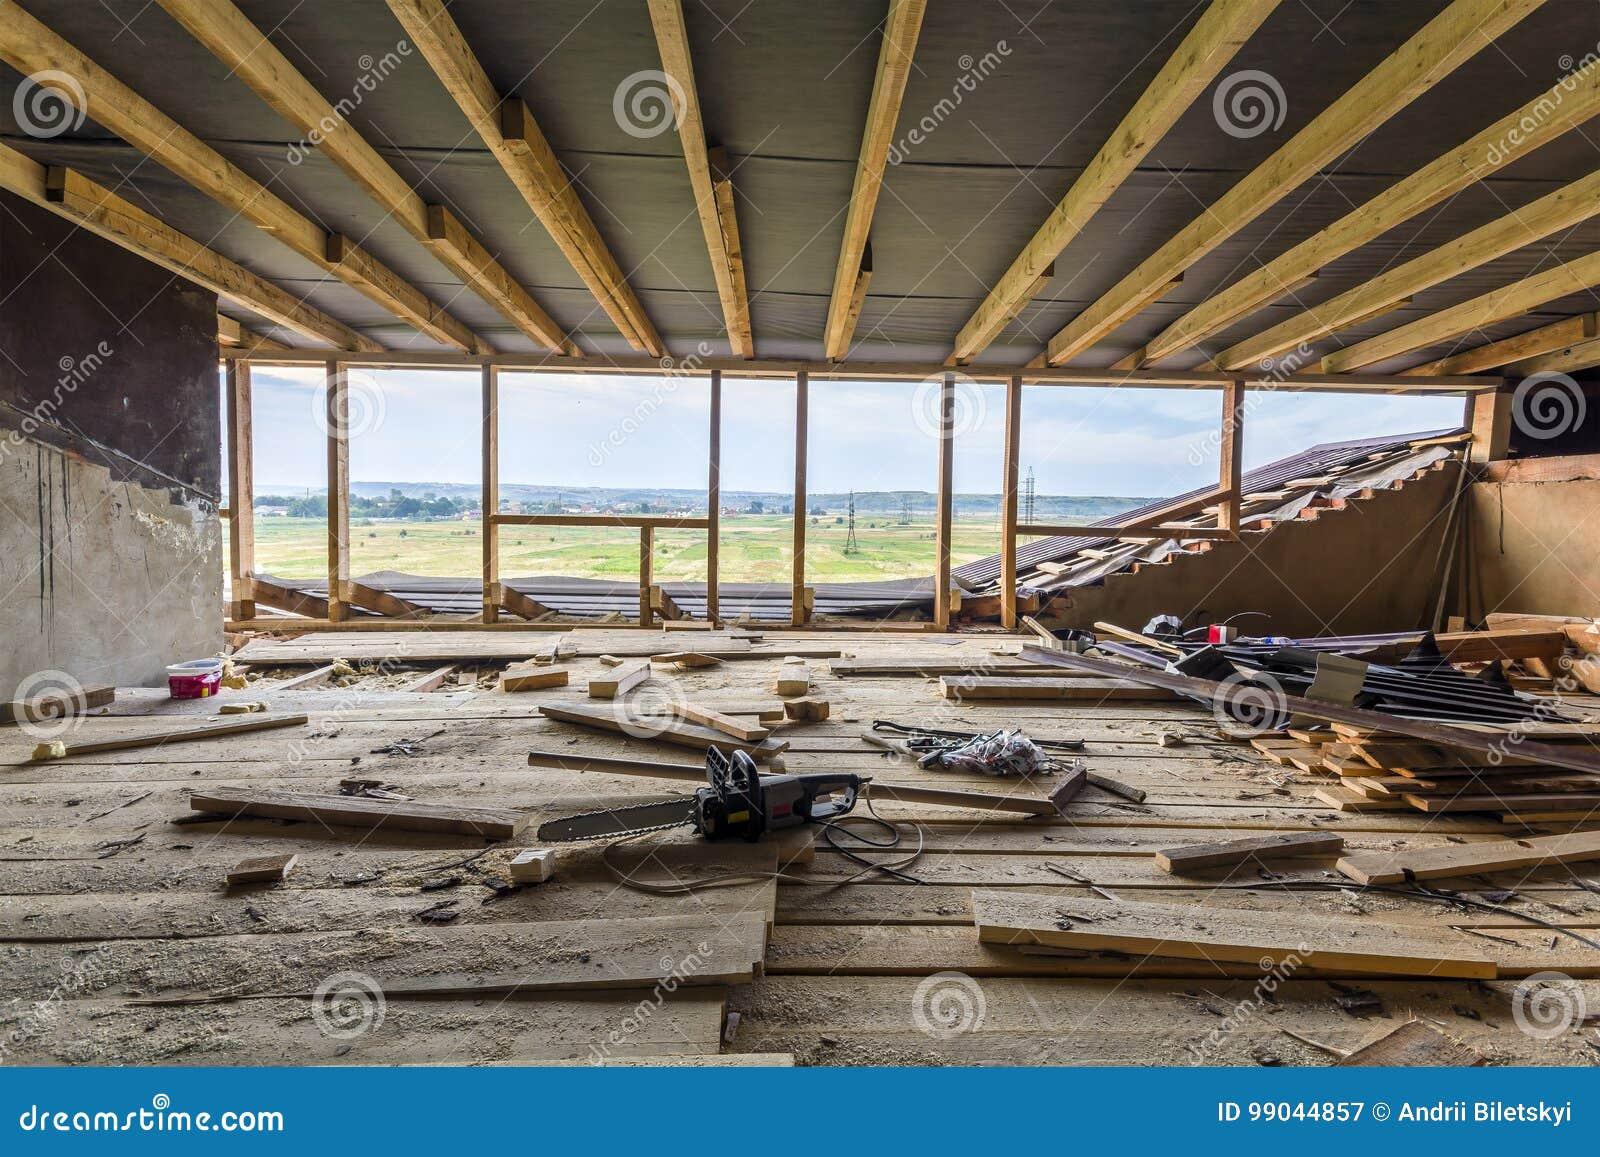 Nieuw woonbouwhuis frame Het binnenlandse ontwerpen van a